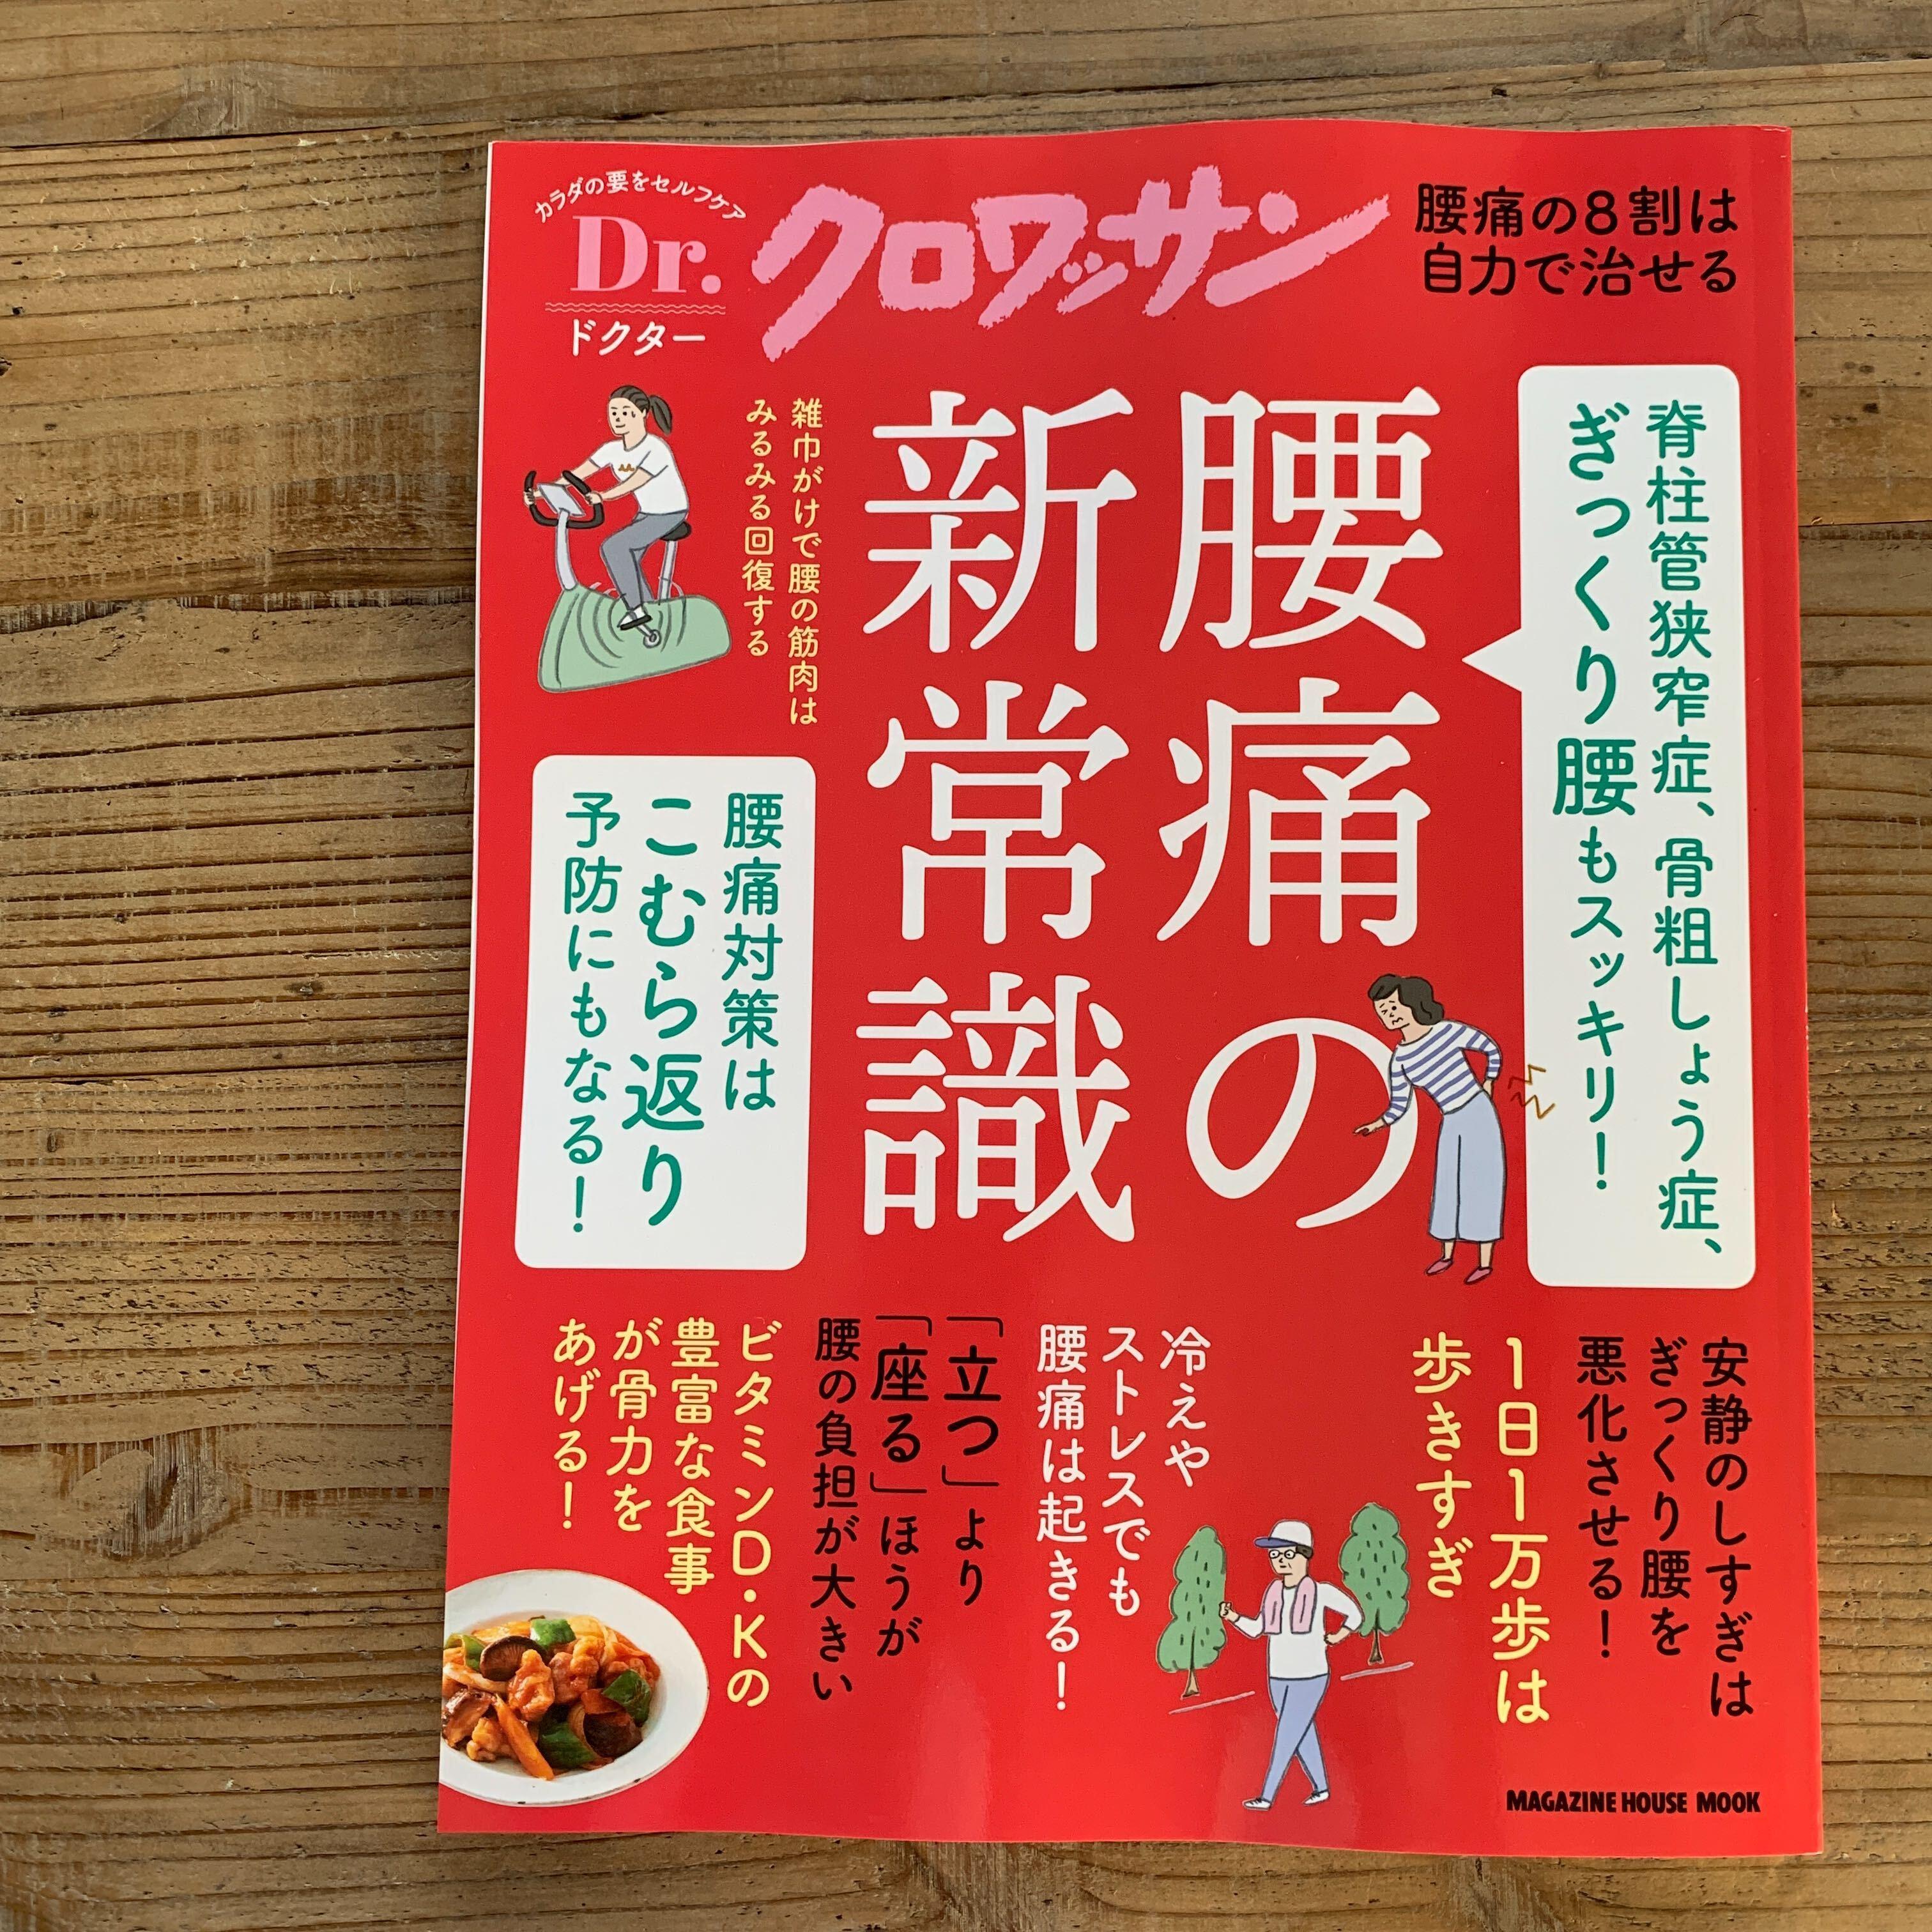 【掲載】Dr.クロワッサン「腰痛の新常識」筋肉と骨づくりに役立つレシピ